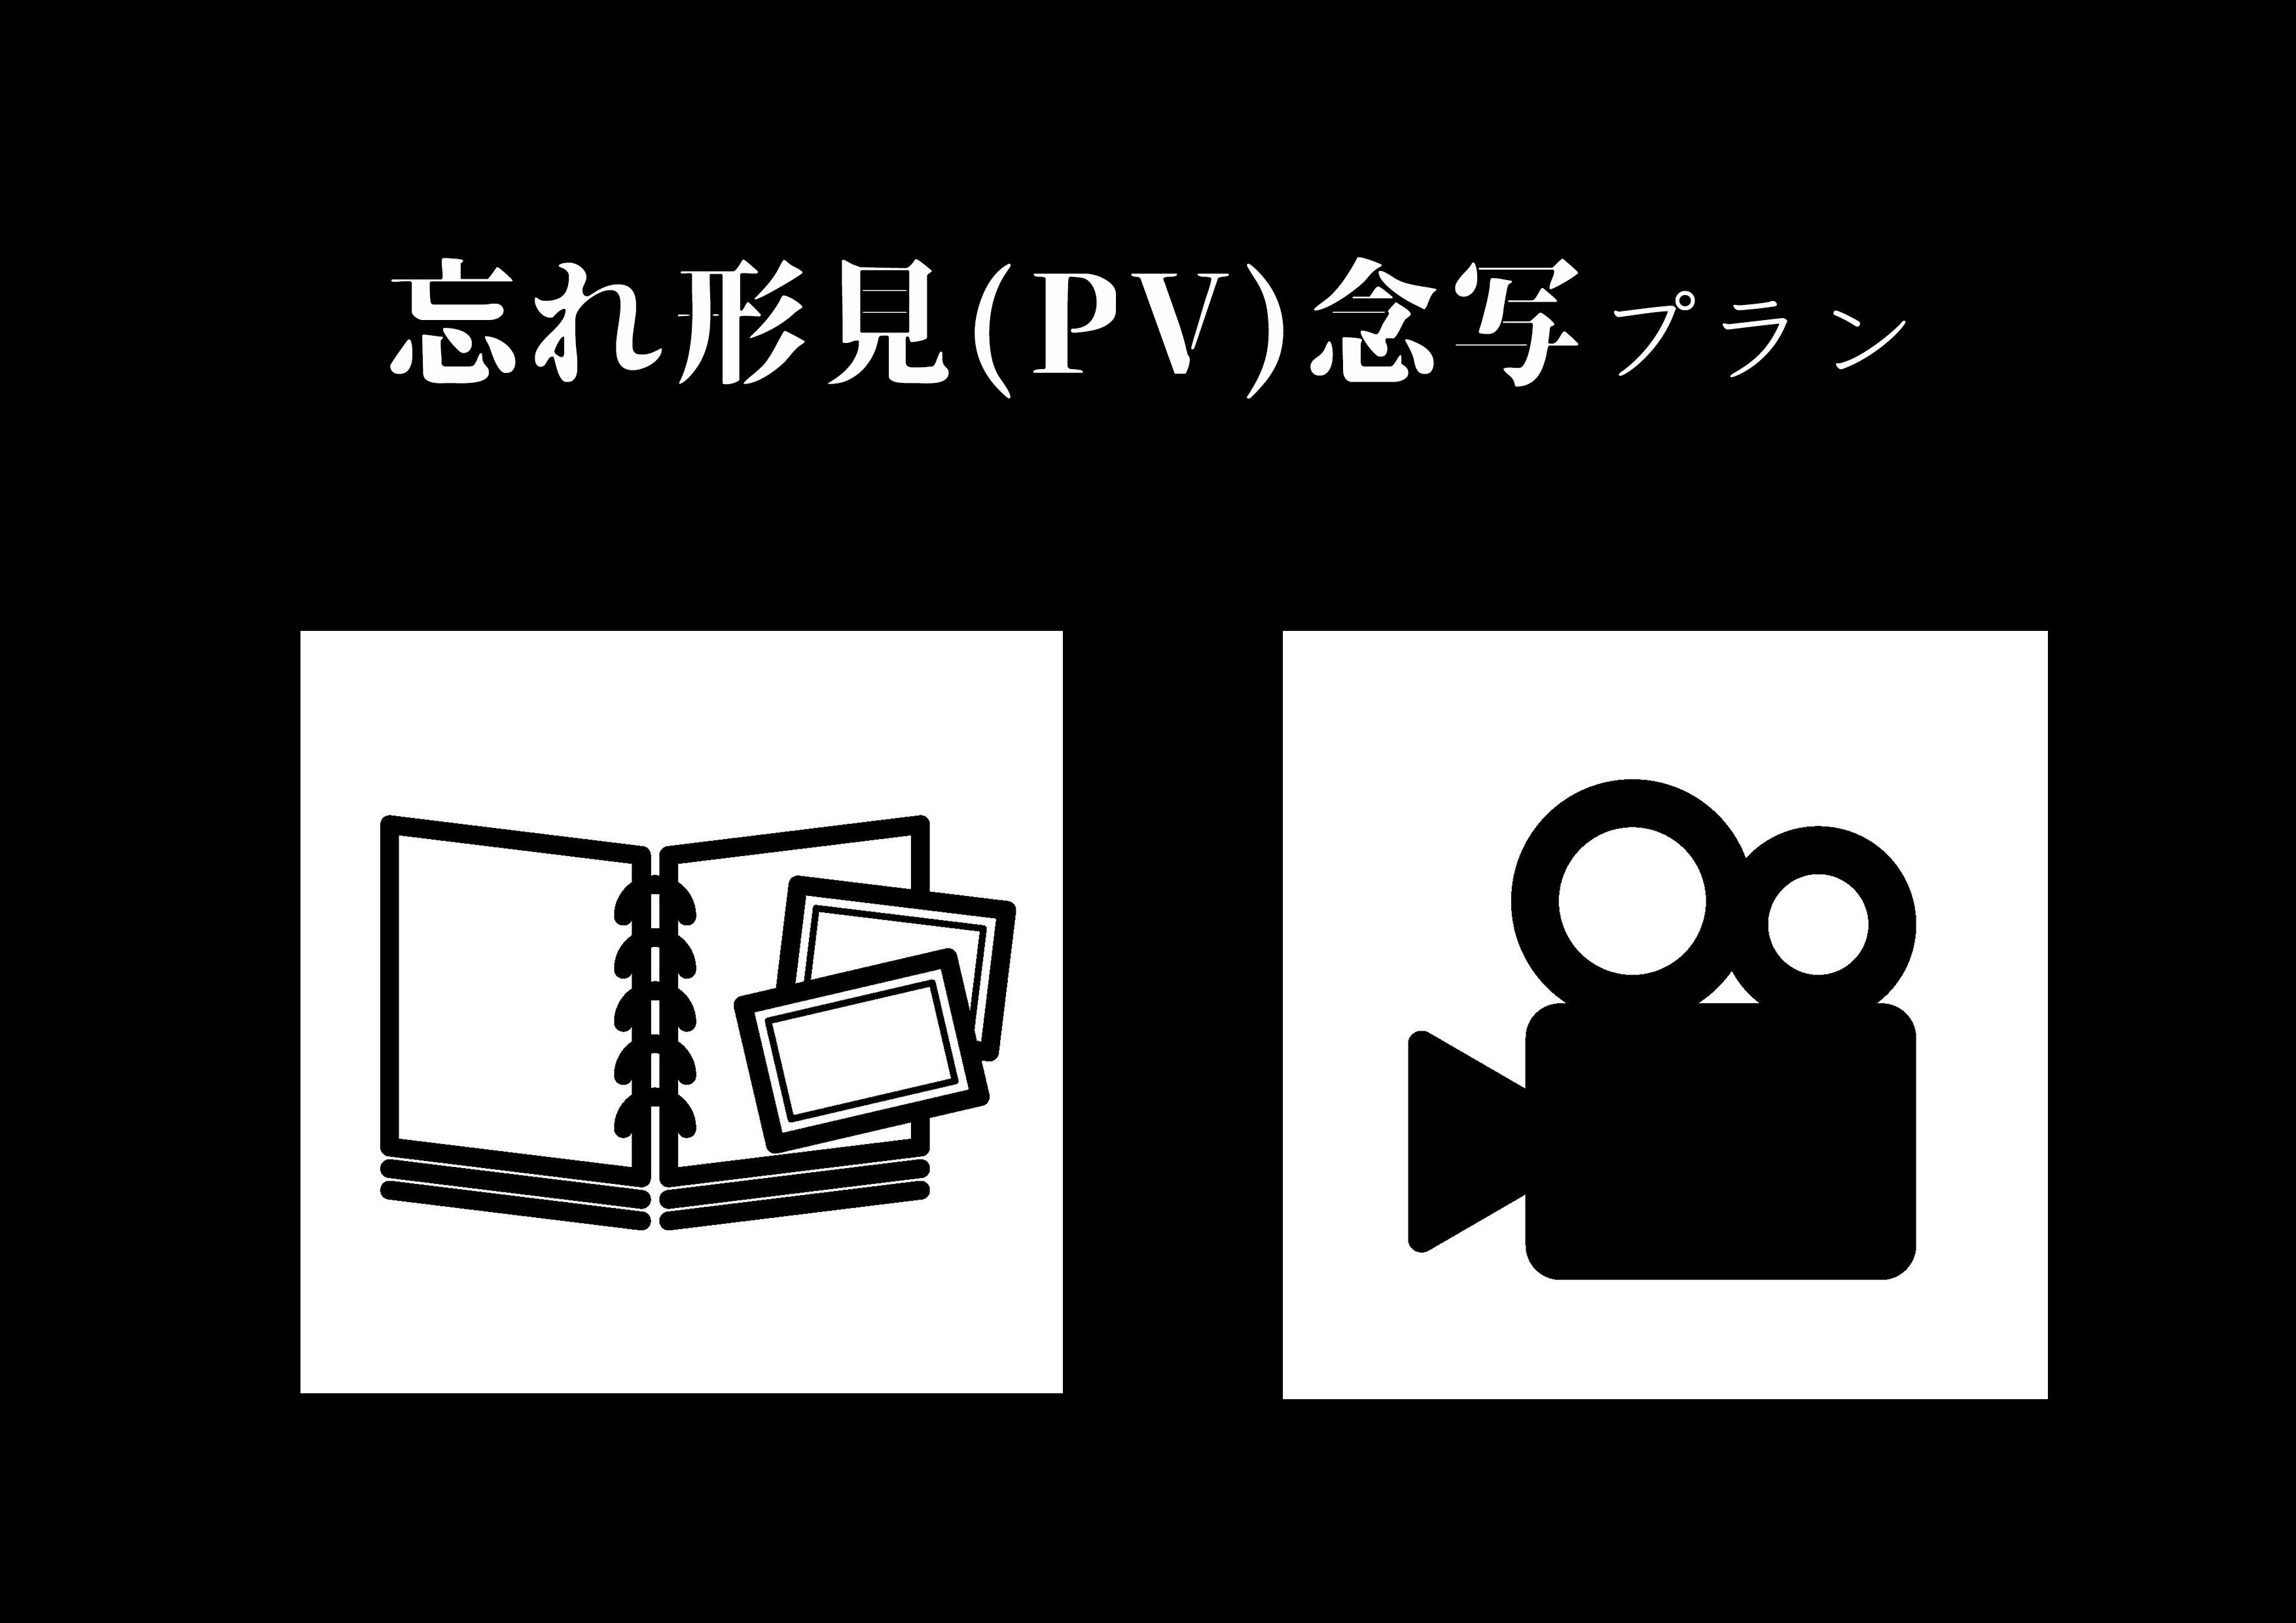 【 忘れ形見(PV)念写プラン 】